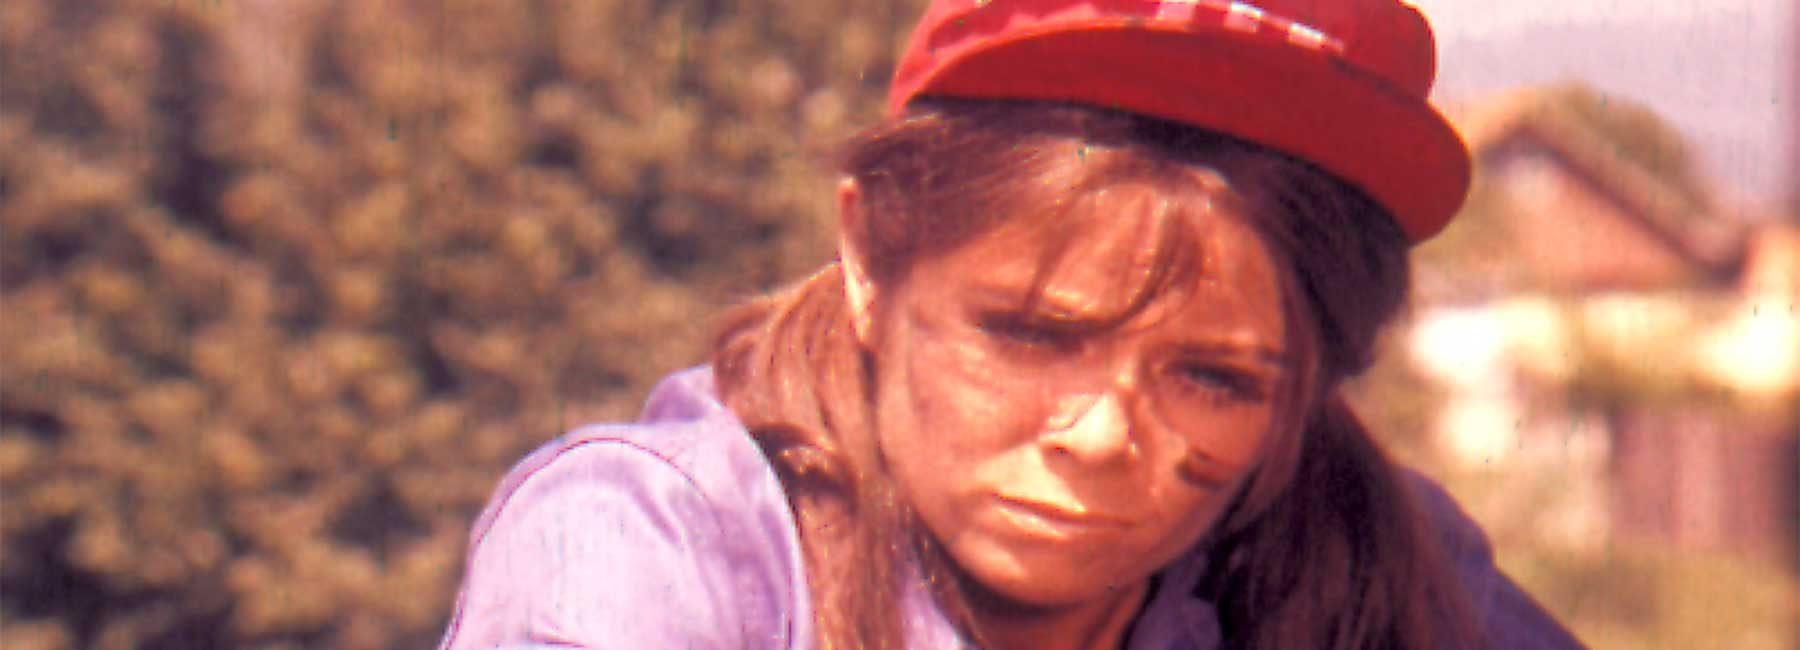 Lisa Film und ihre Stars